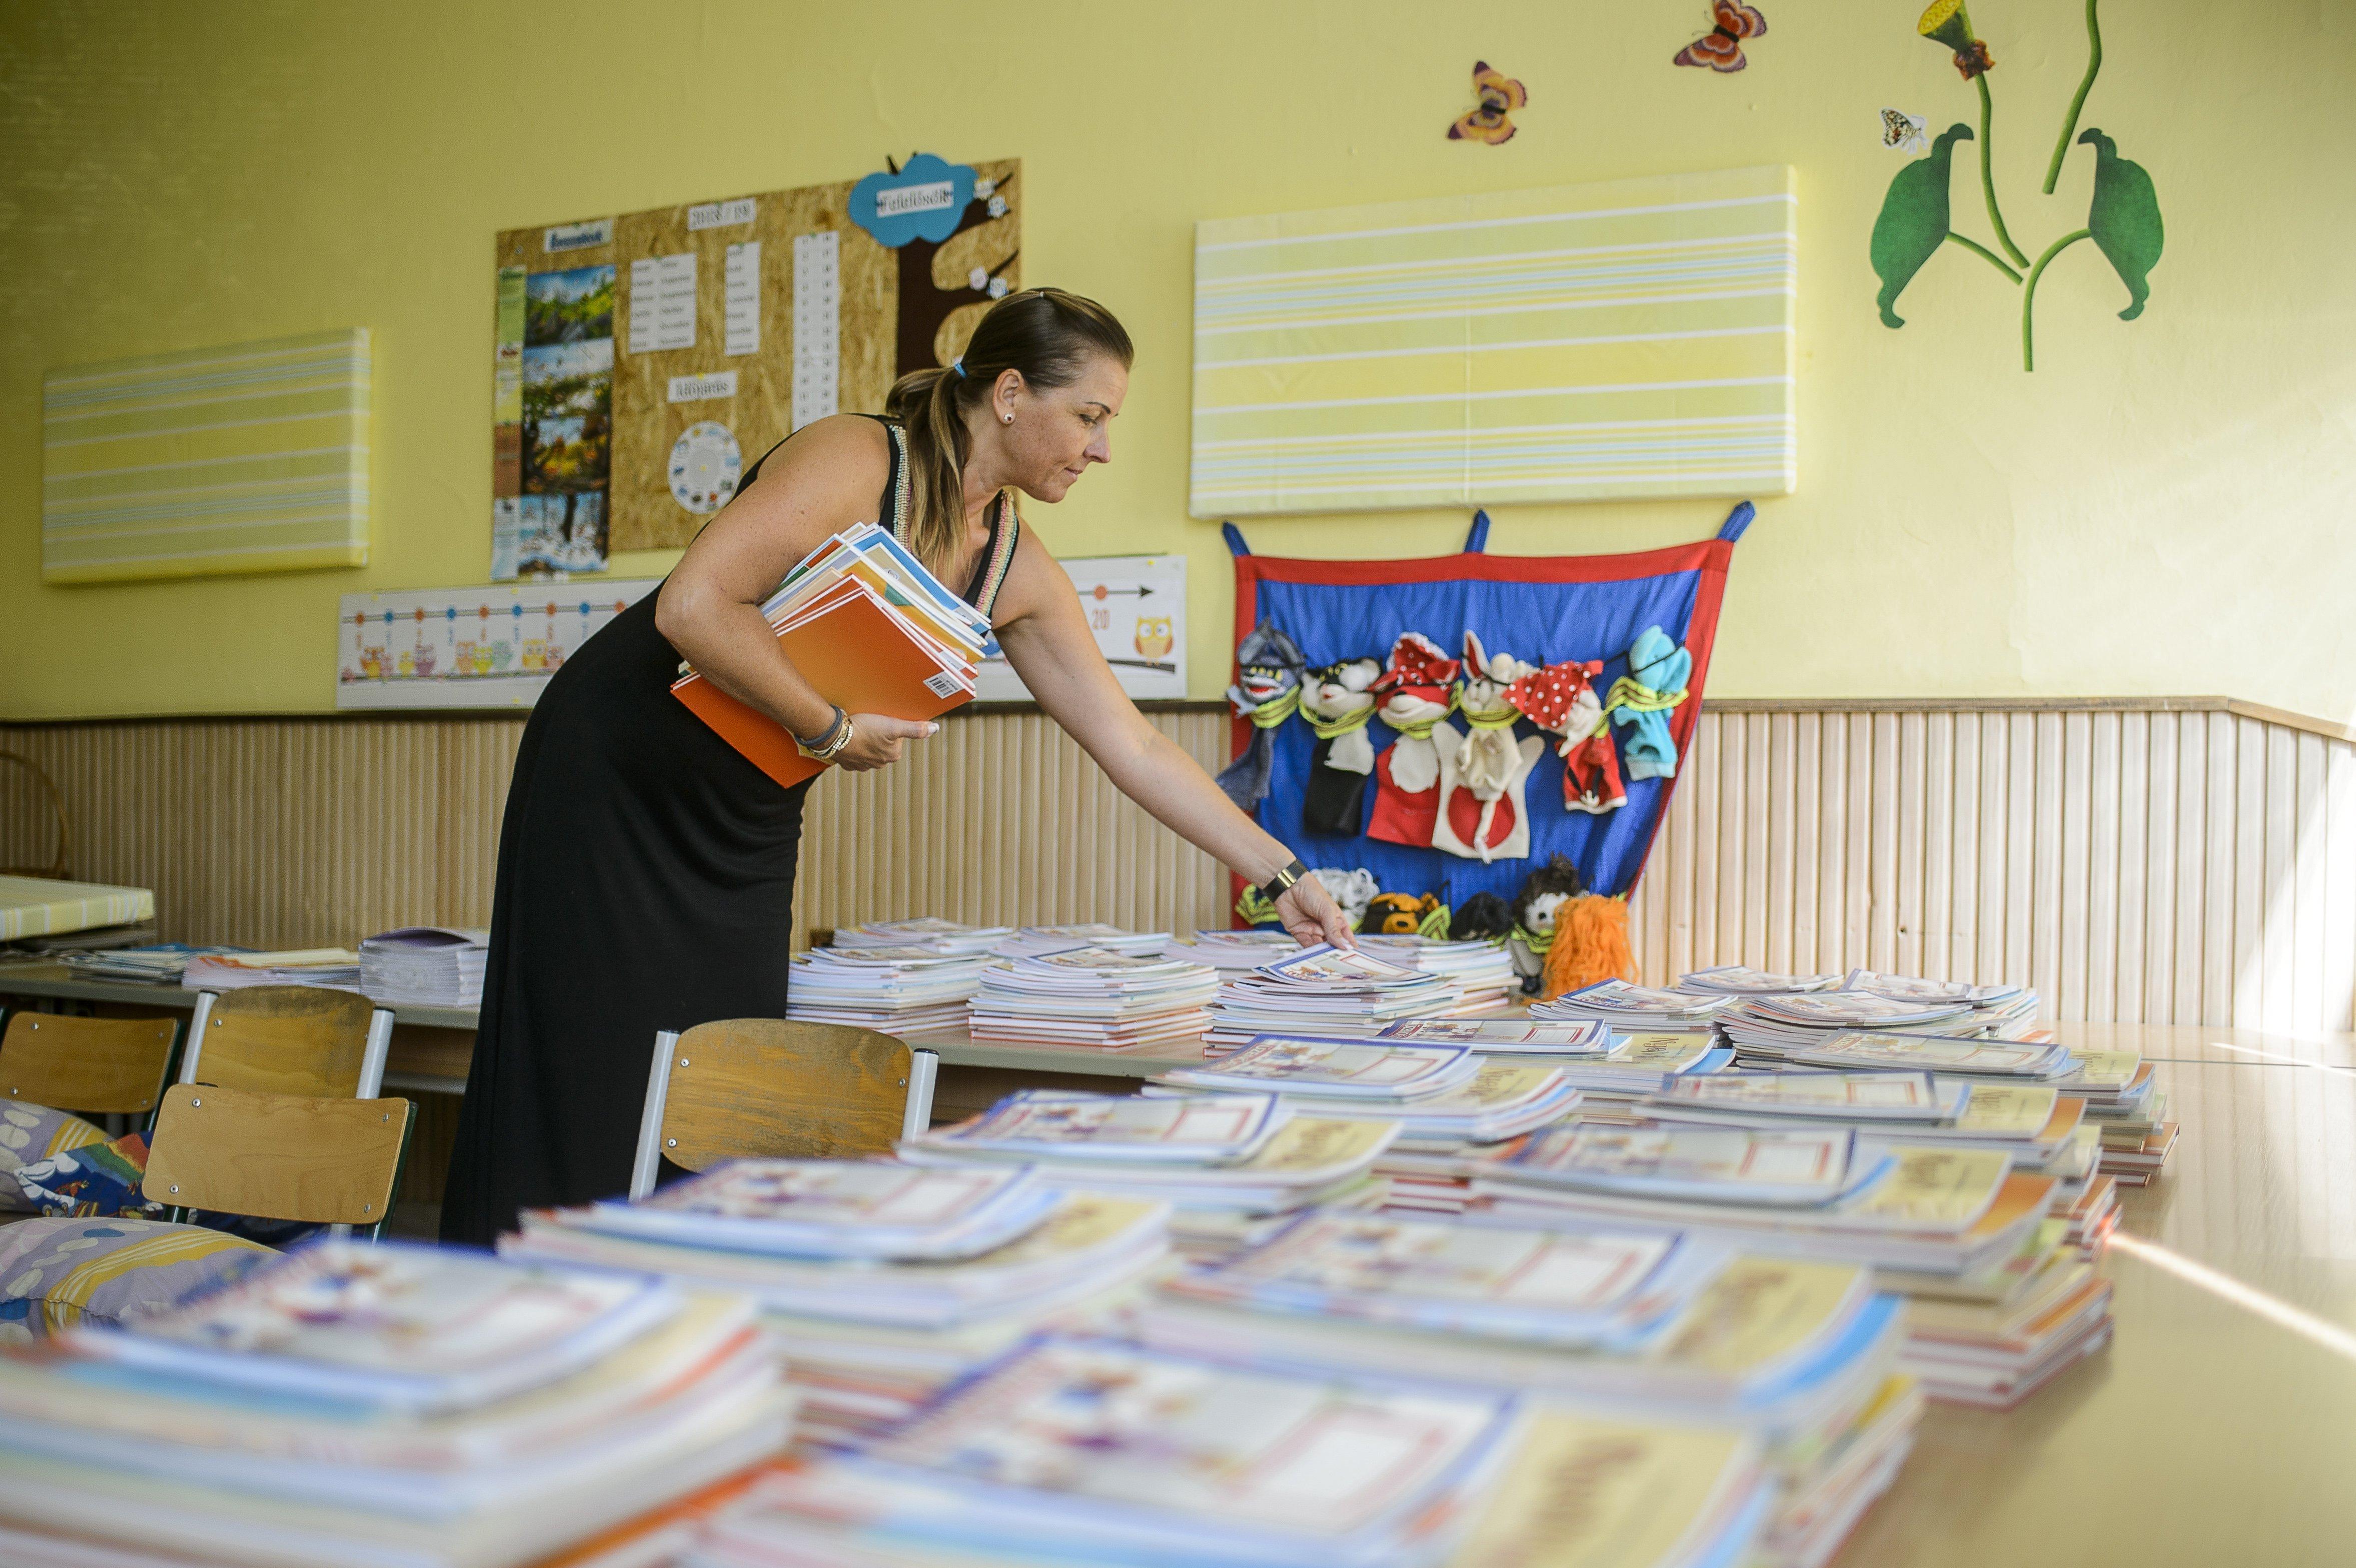 Brutális a tanárhiány: hivatalosan 1300 betöltetlen álláshely van, de ez is csak kozmetikázott számolással jön ki